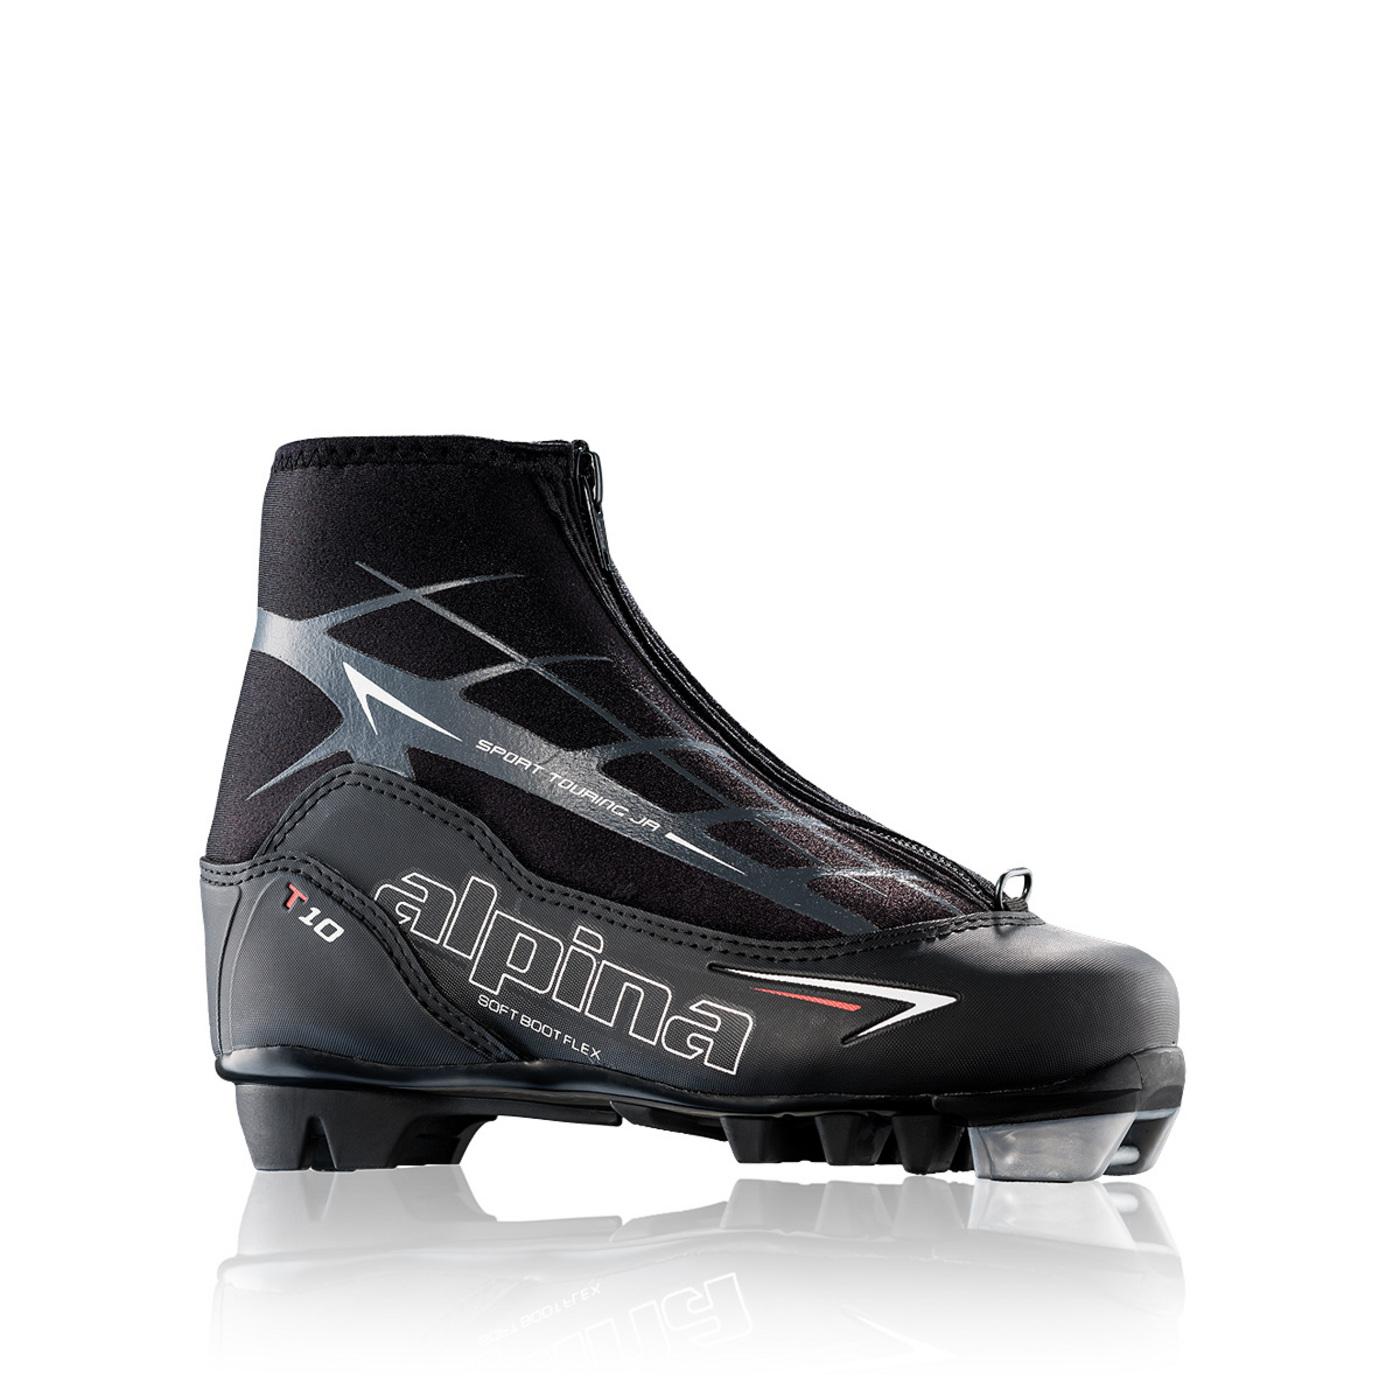 Alpina T Junior Nordic Boots Fontana Sports - Alpina nordic